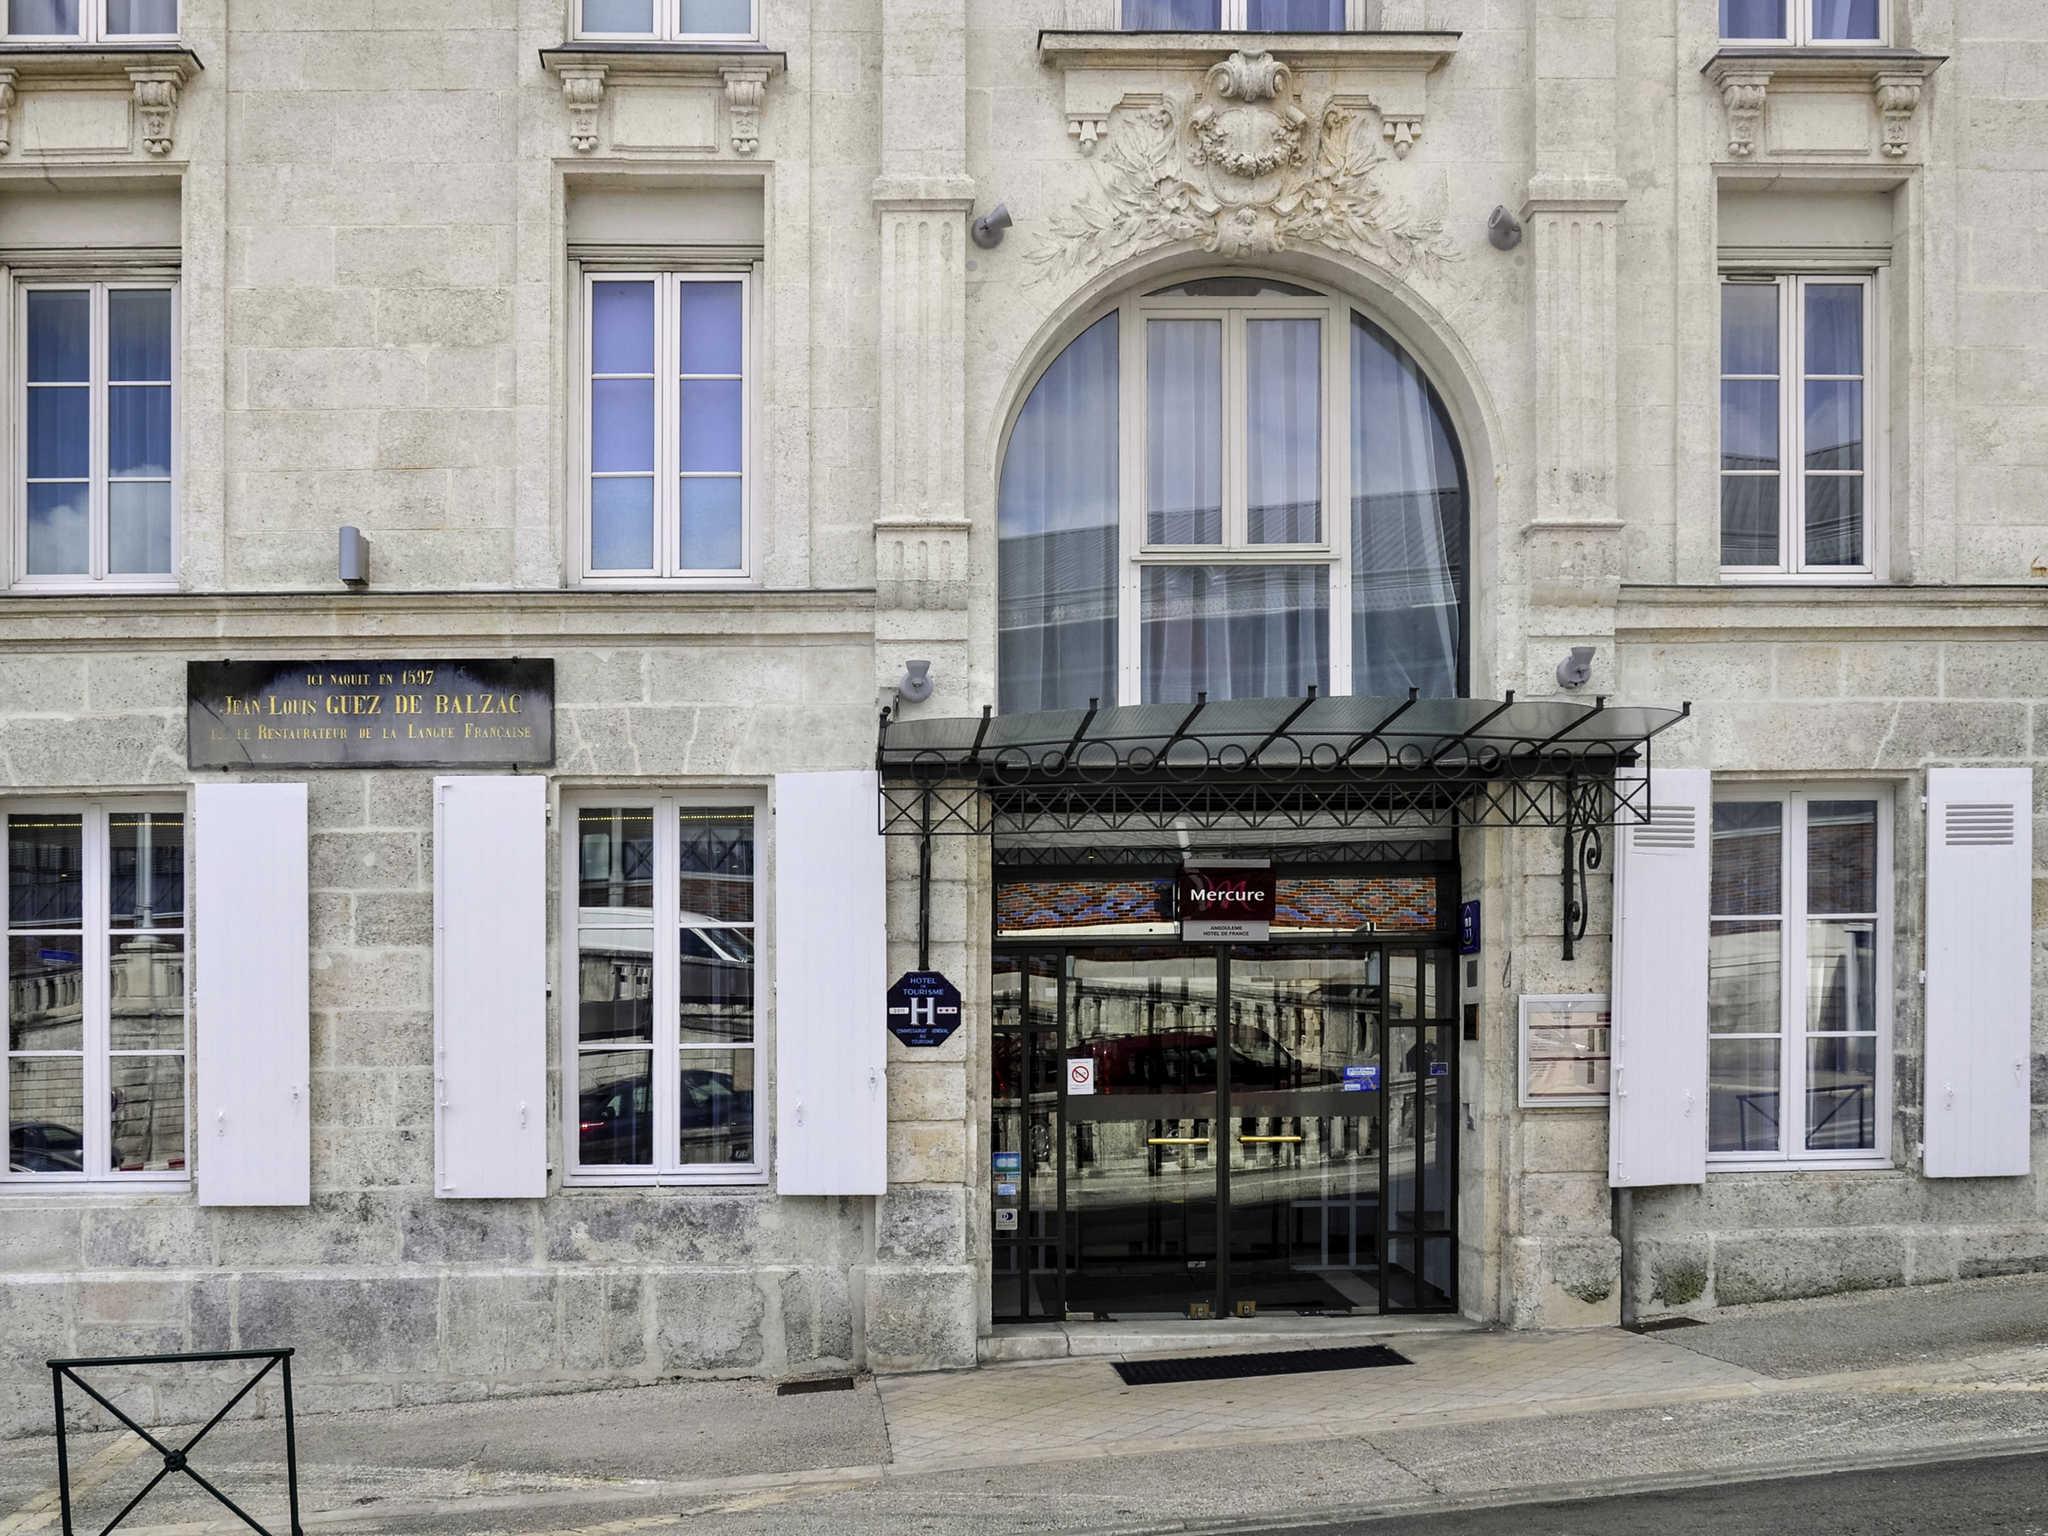 Hôtel - Hôtel Mercure Angoulême Hôtel de France